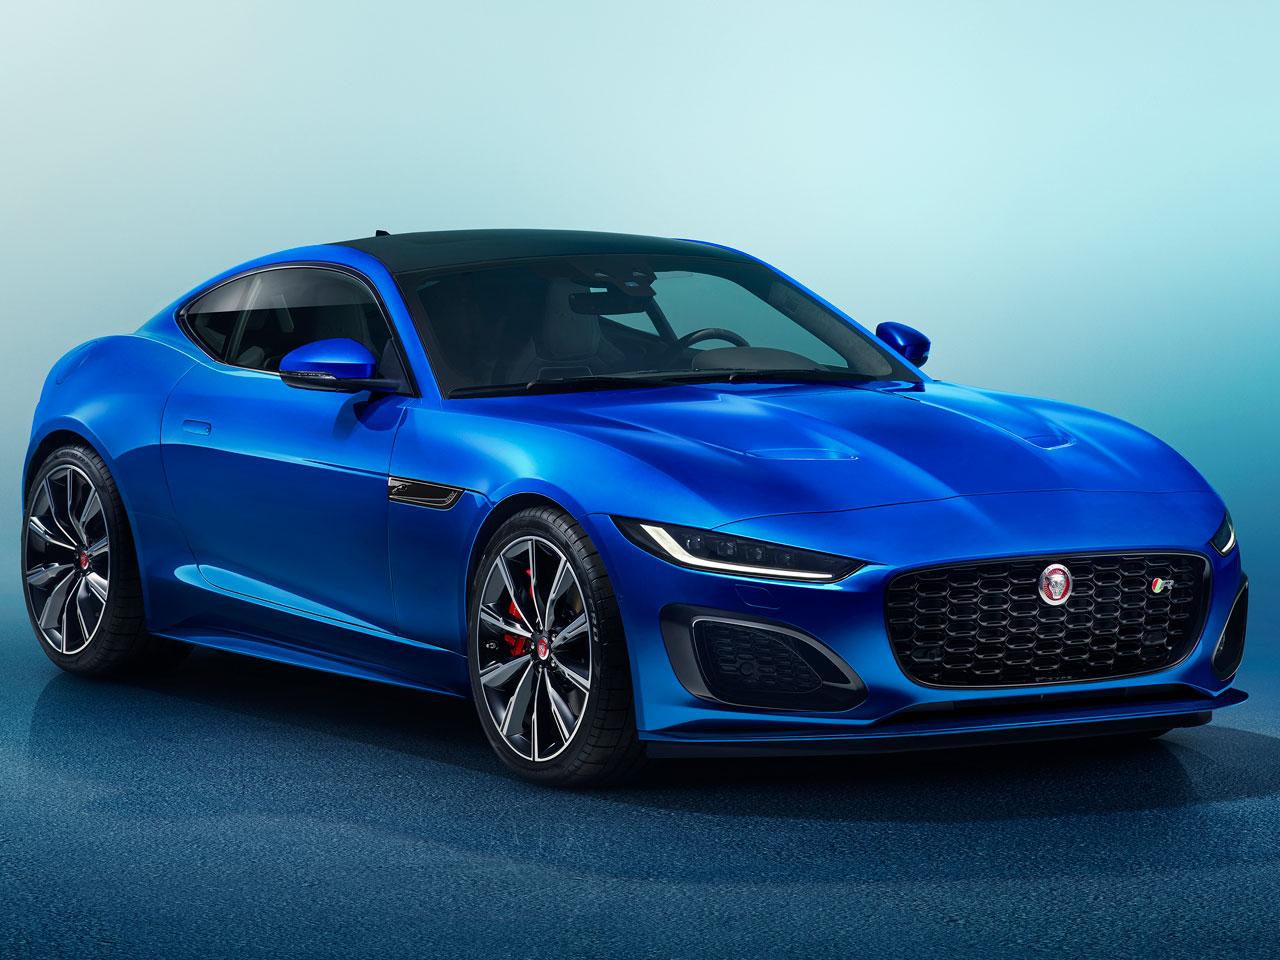 ジャガー Fタイプ クーペ 2014年モデル 新車画像